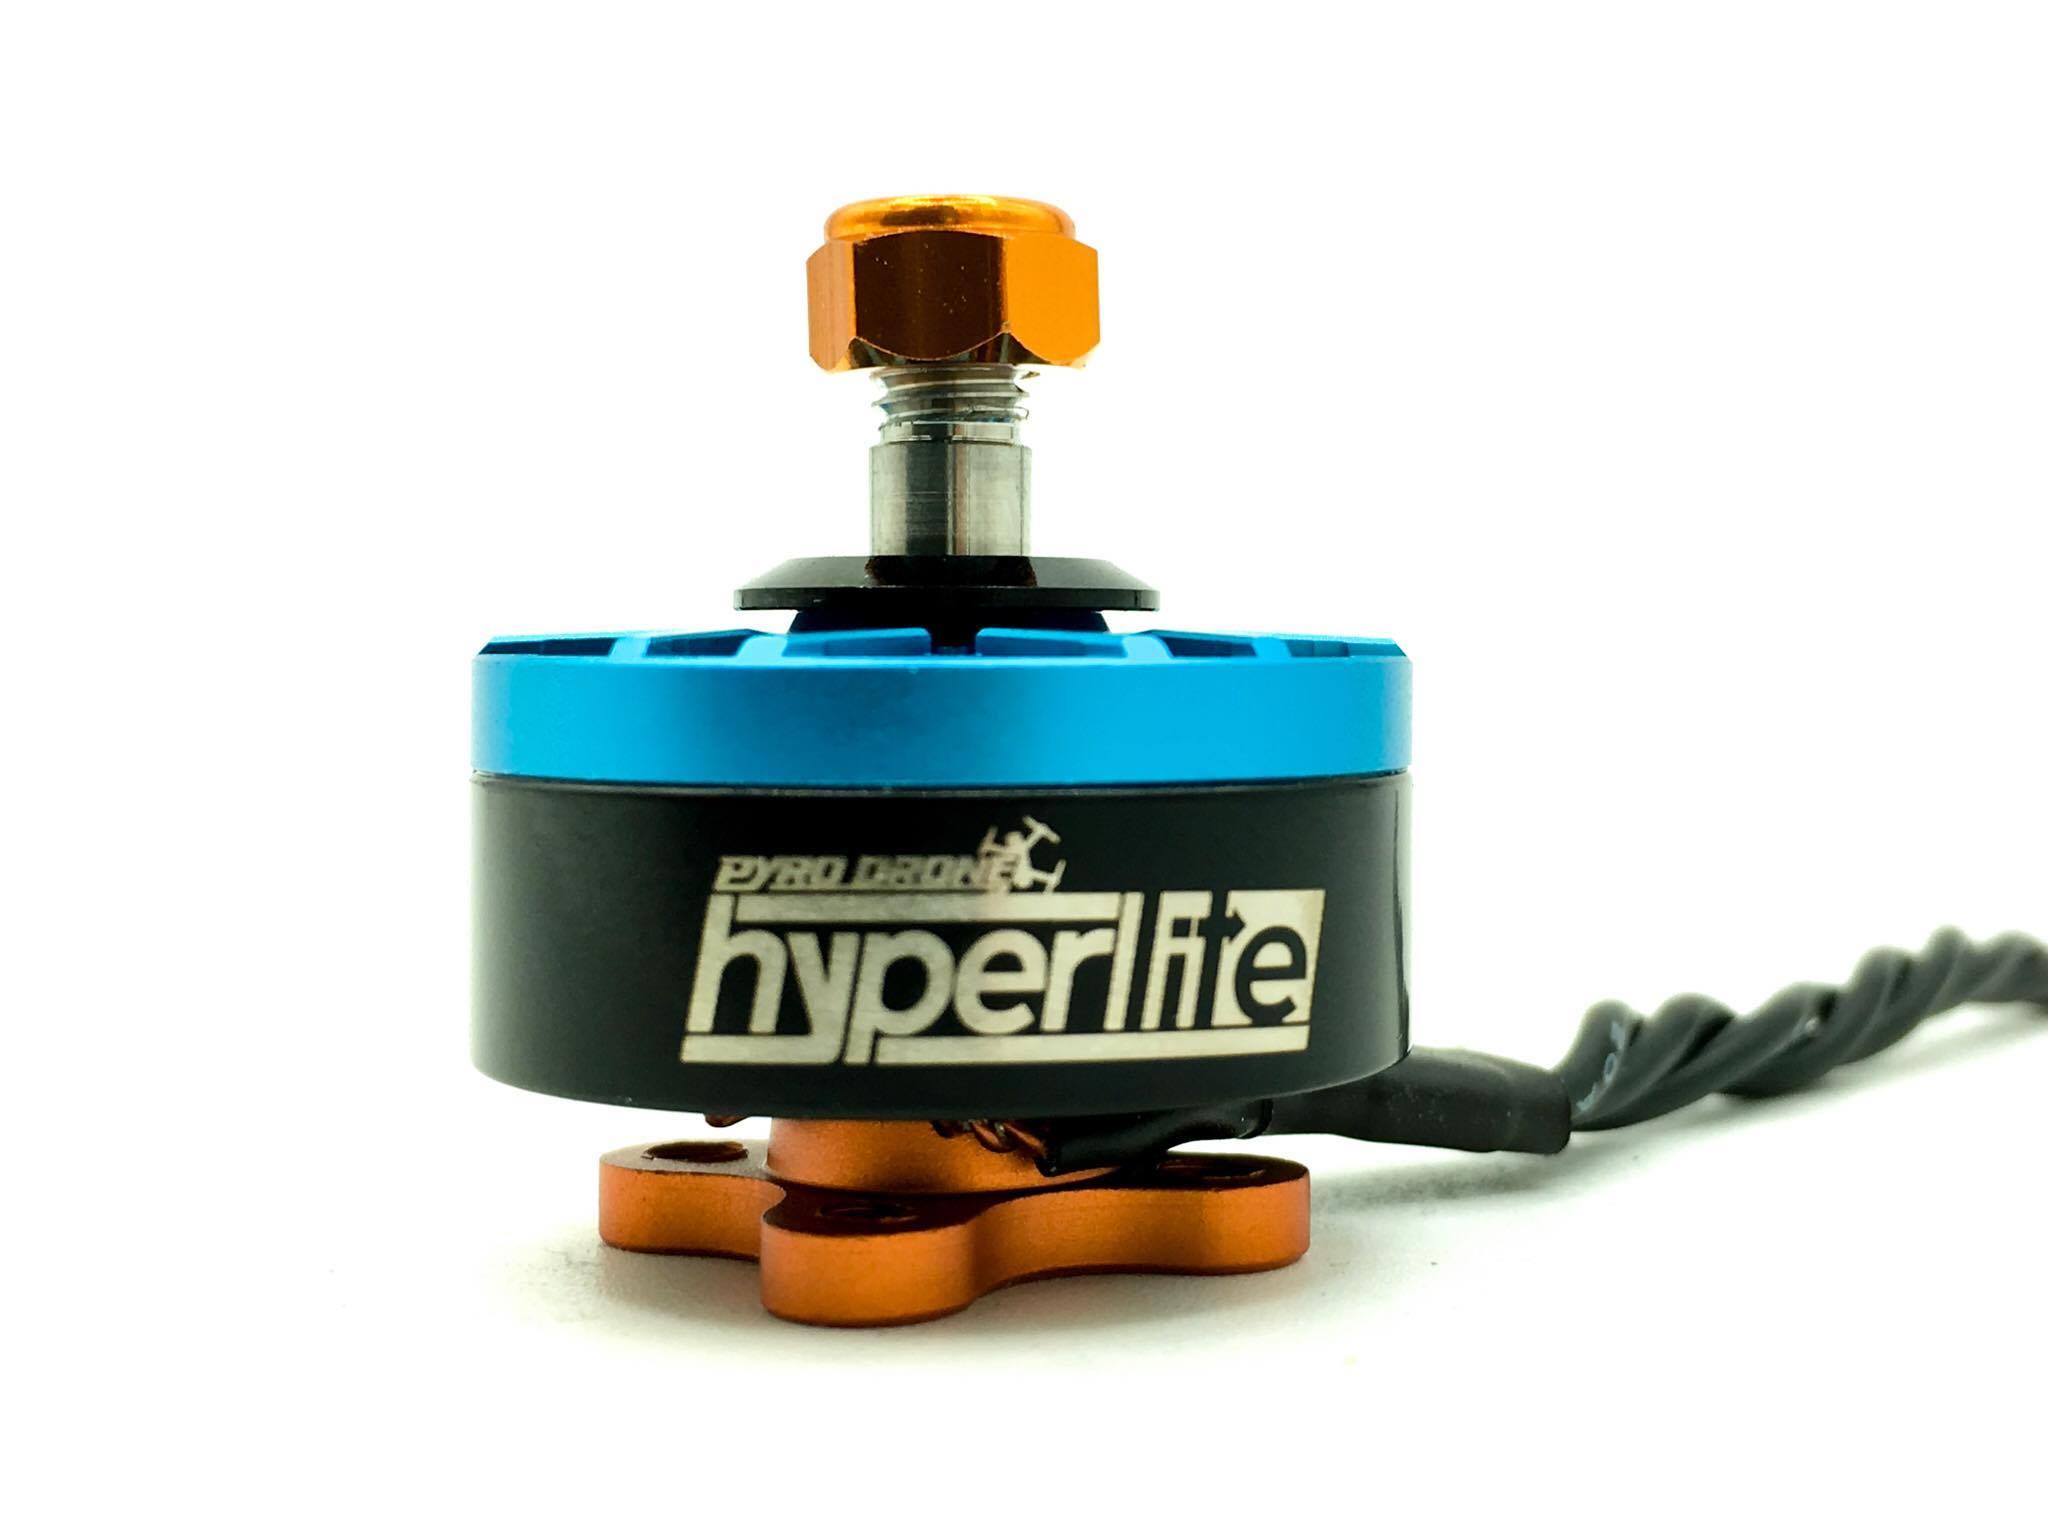 PyroDrone HyperLite 2307-2522 Team Edition